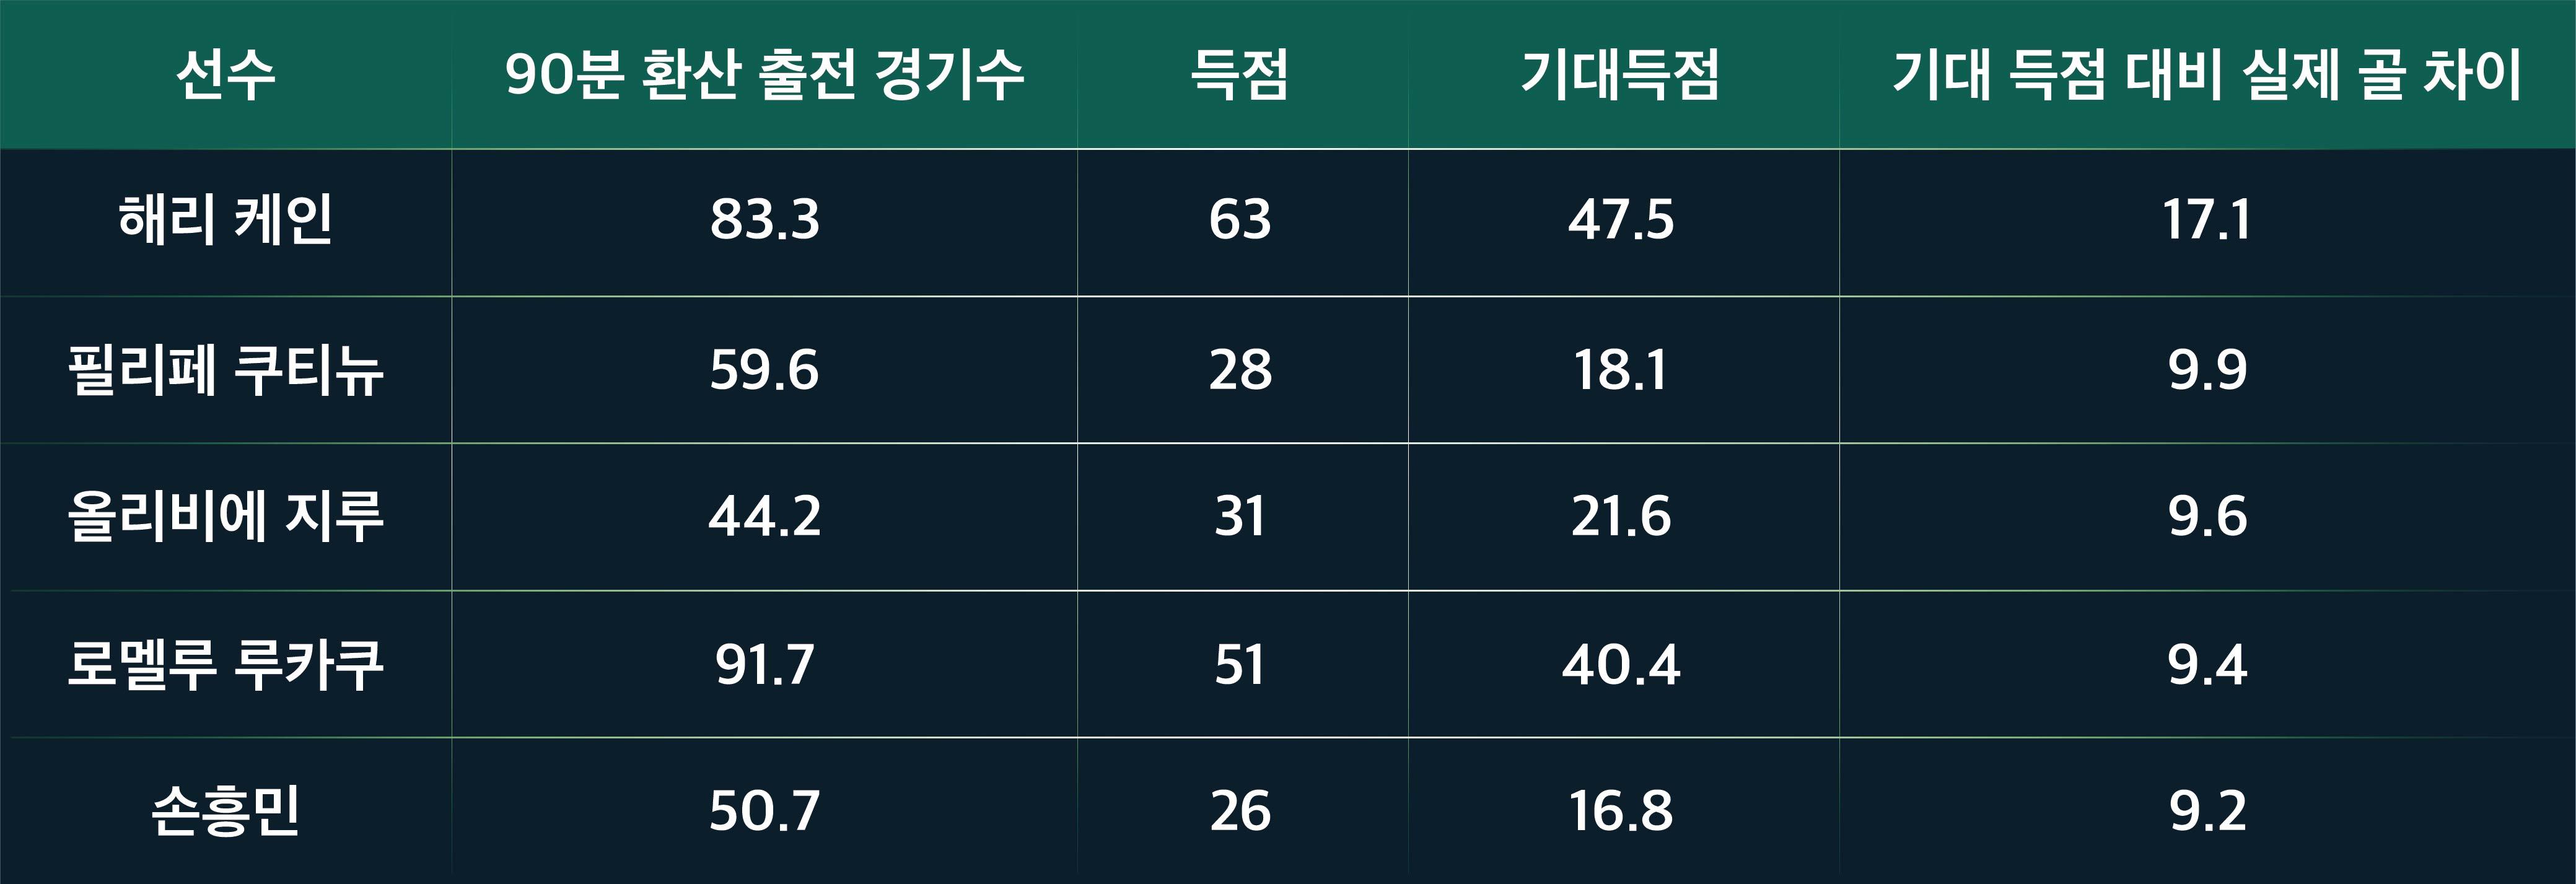 Son Heung-Min Data